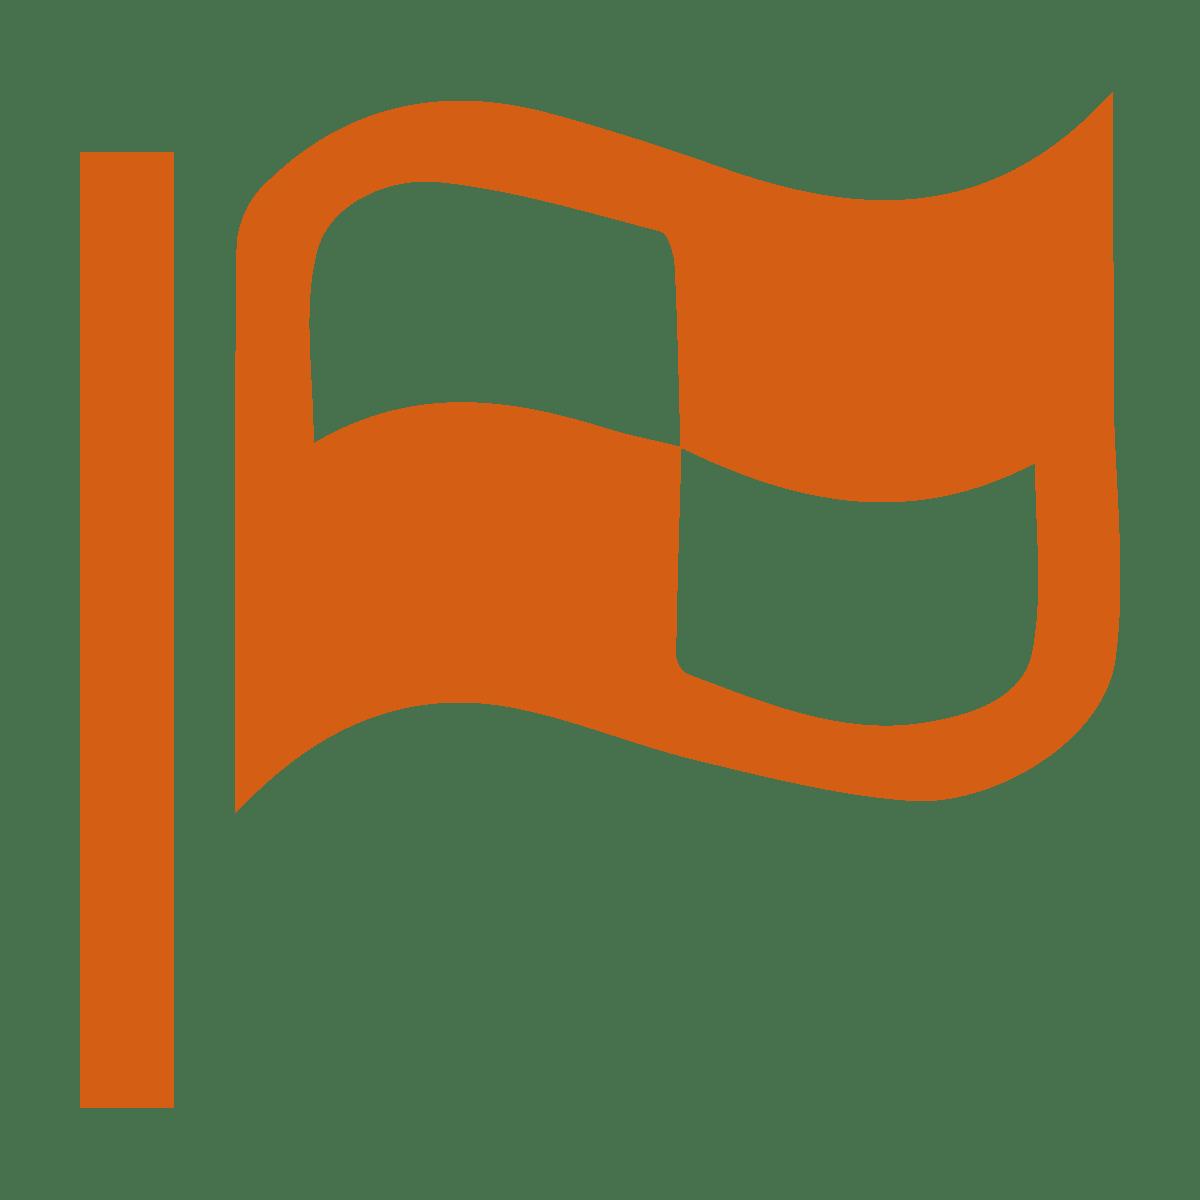 arvense-group-5f-methodology-step-5-finish-orange